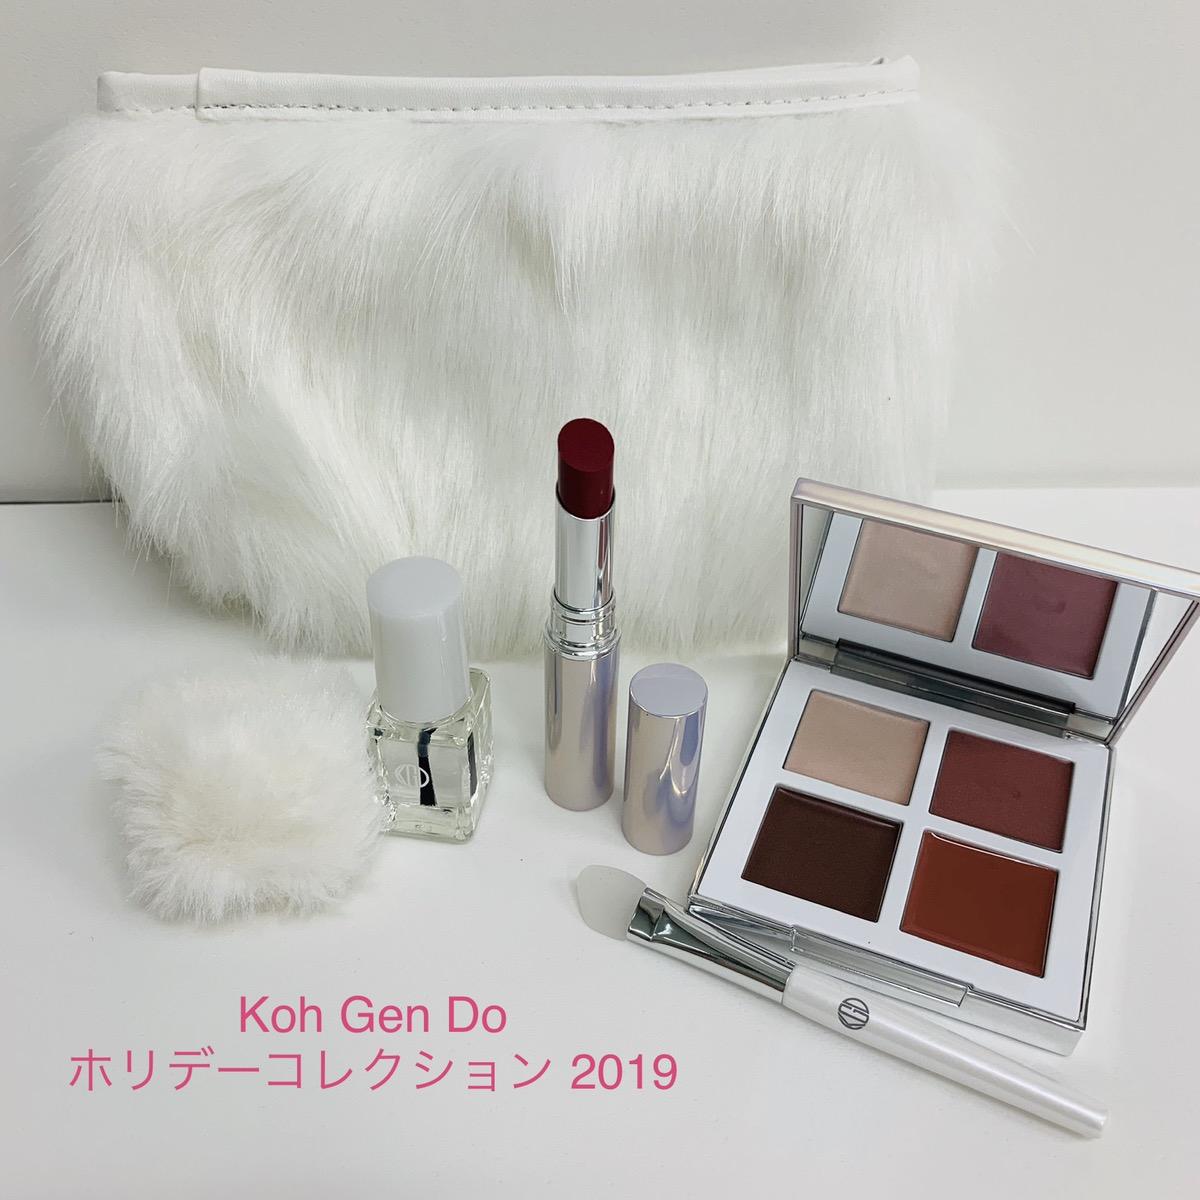 """「Koh Gen Do ホリデーコレクション 2019」は""""Fantastic Dawn""""がテーマ。大人の可愛らしさを引き出してくれるワザありフェミニンが叶う! #マンデーカラースウォッチ"""